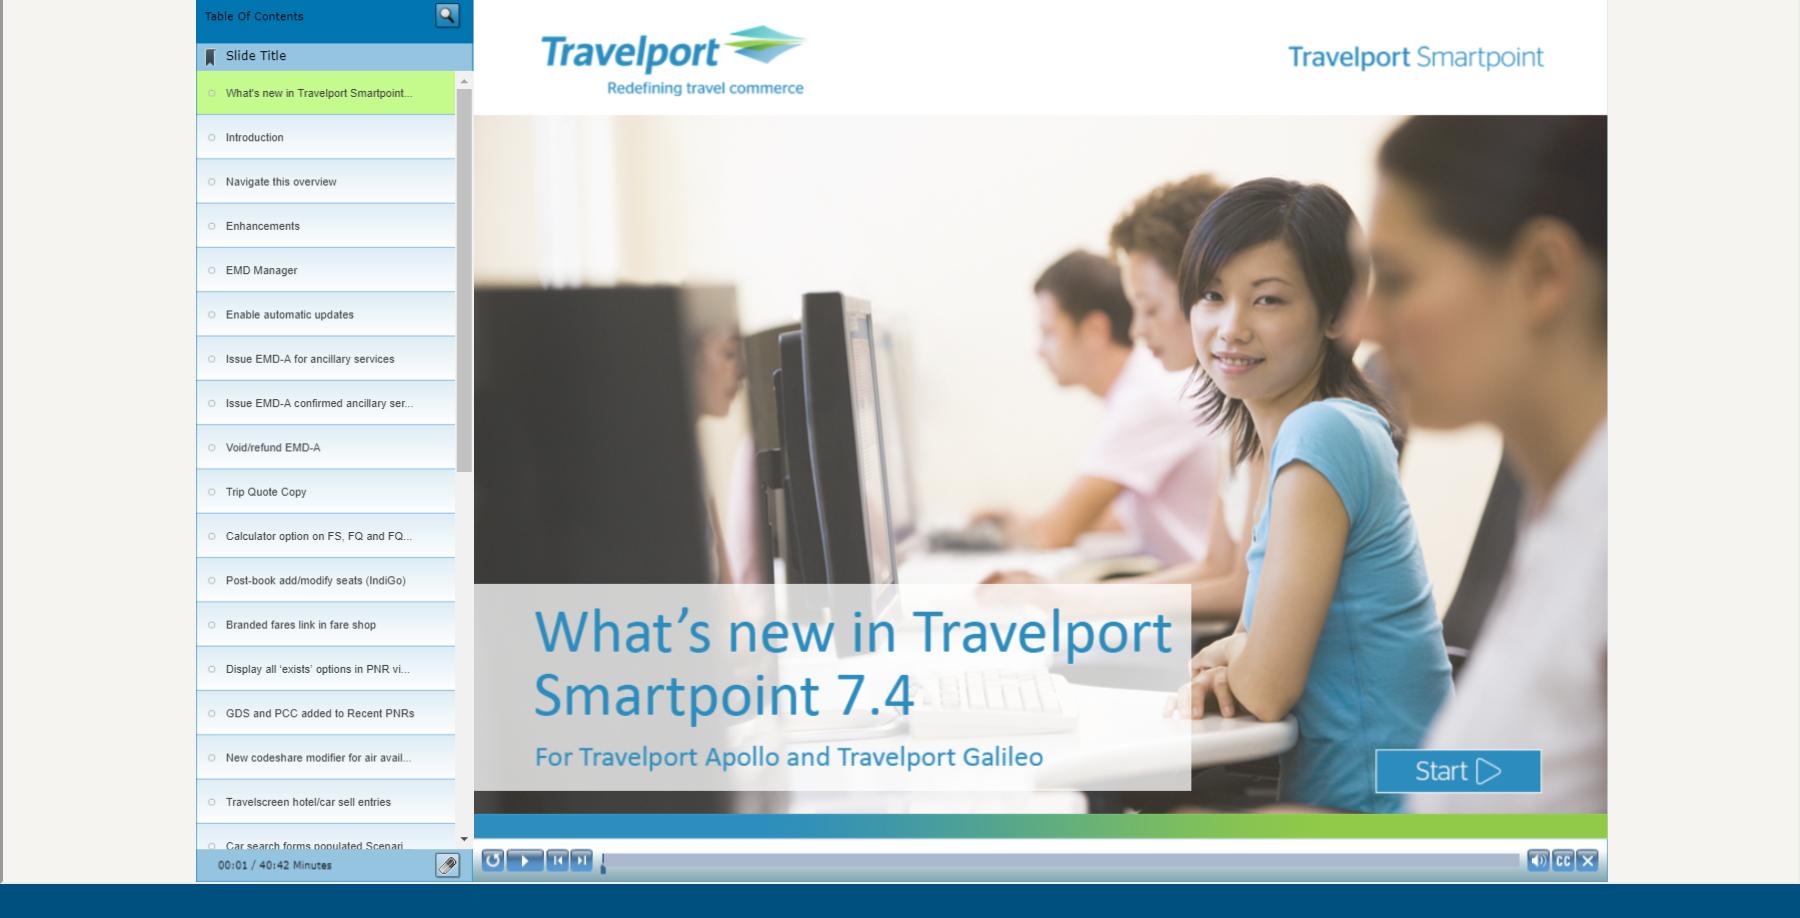 Smartpoint_7.4_WhatsNew